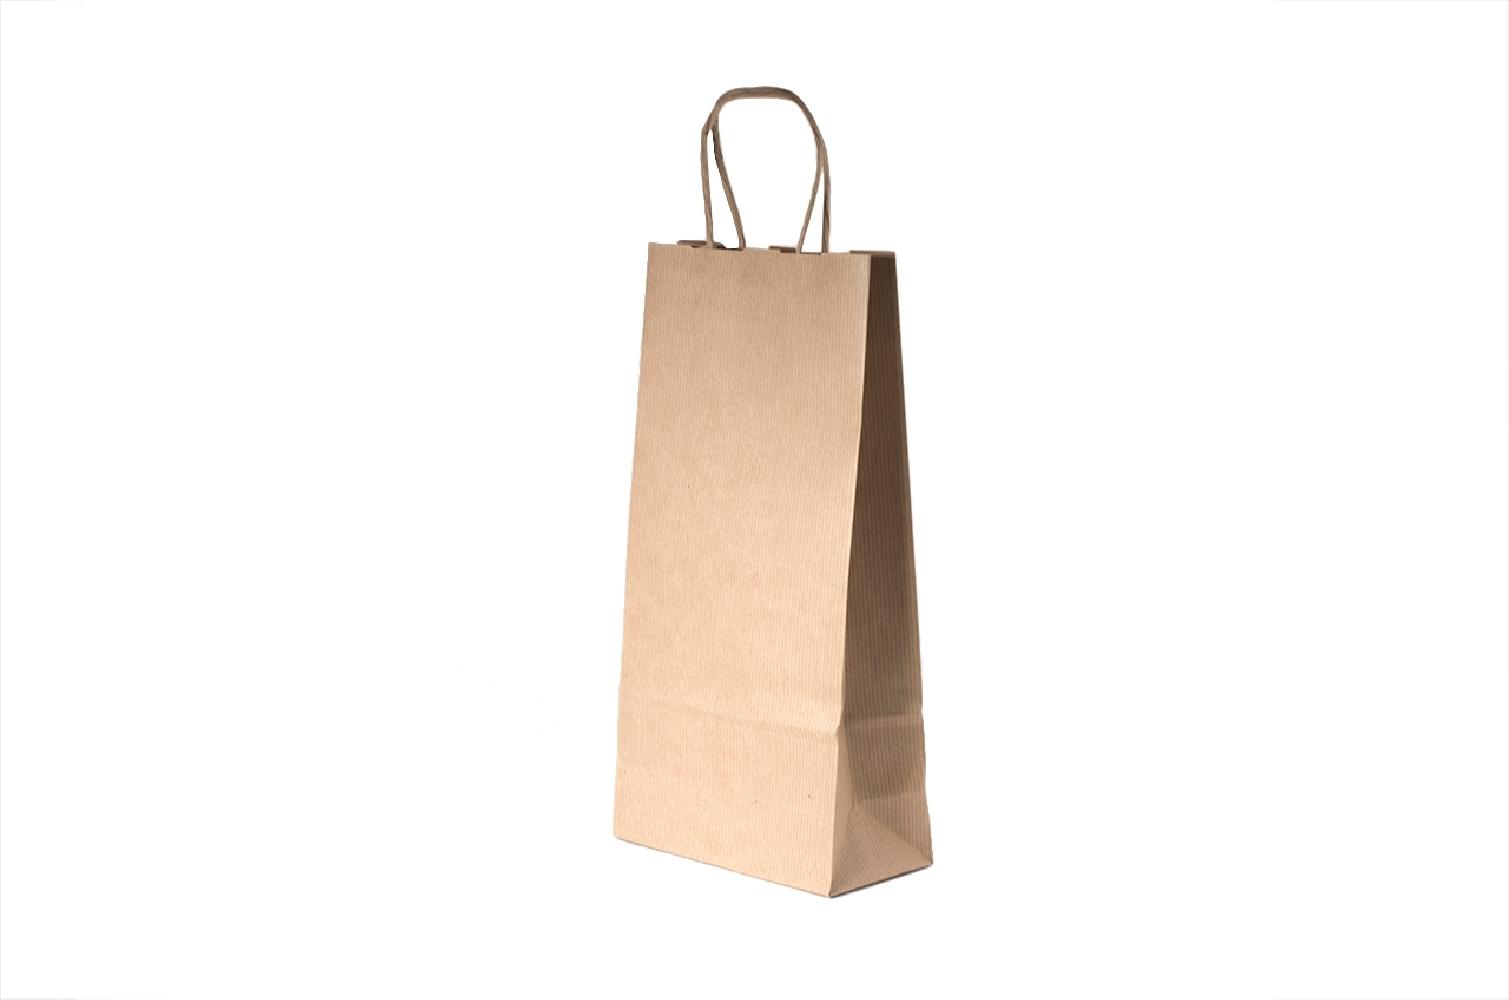 Sacchetti portabottiglia olio in carta